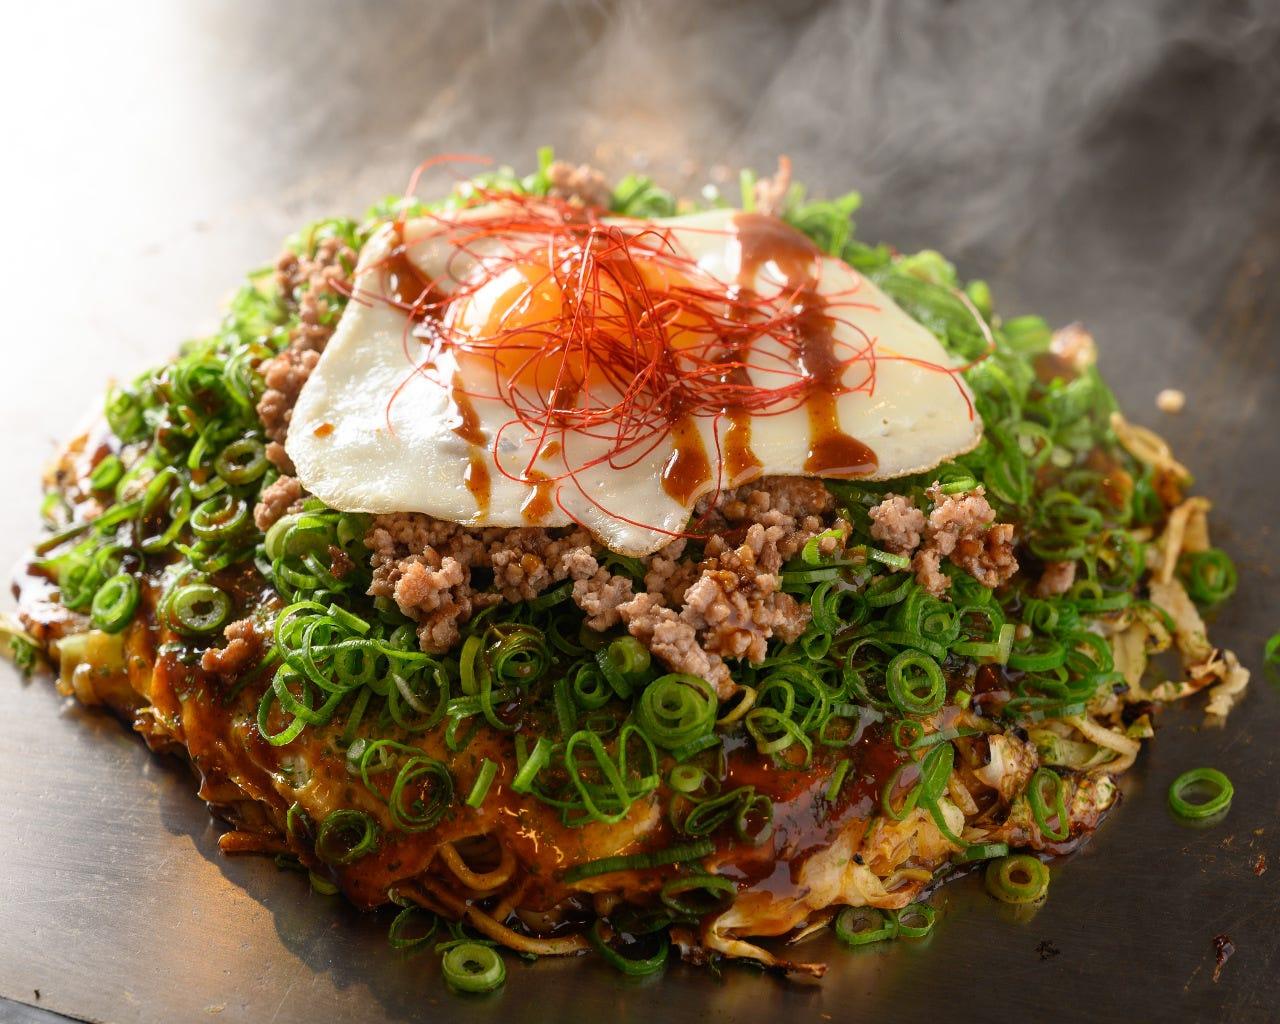 満足!【120分飲放付】ボリューム&コスパ◎鉄板料理と〆のお好み焼きも含む全10品 5,000円コース